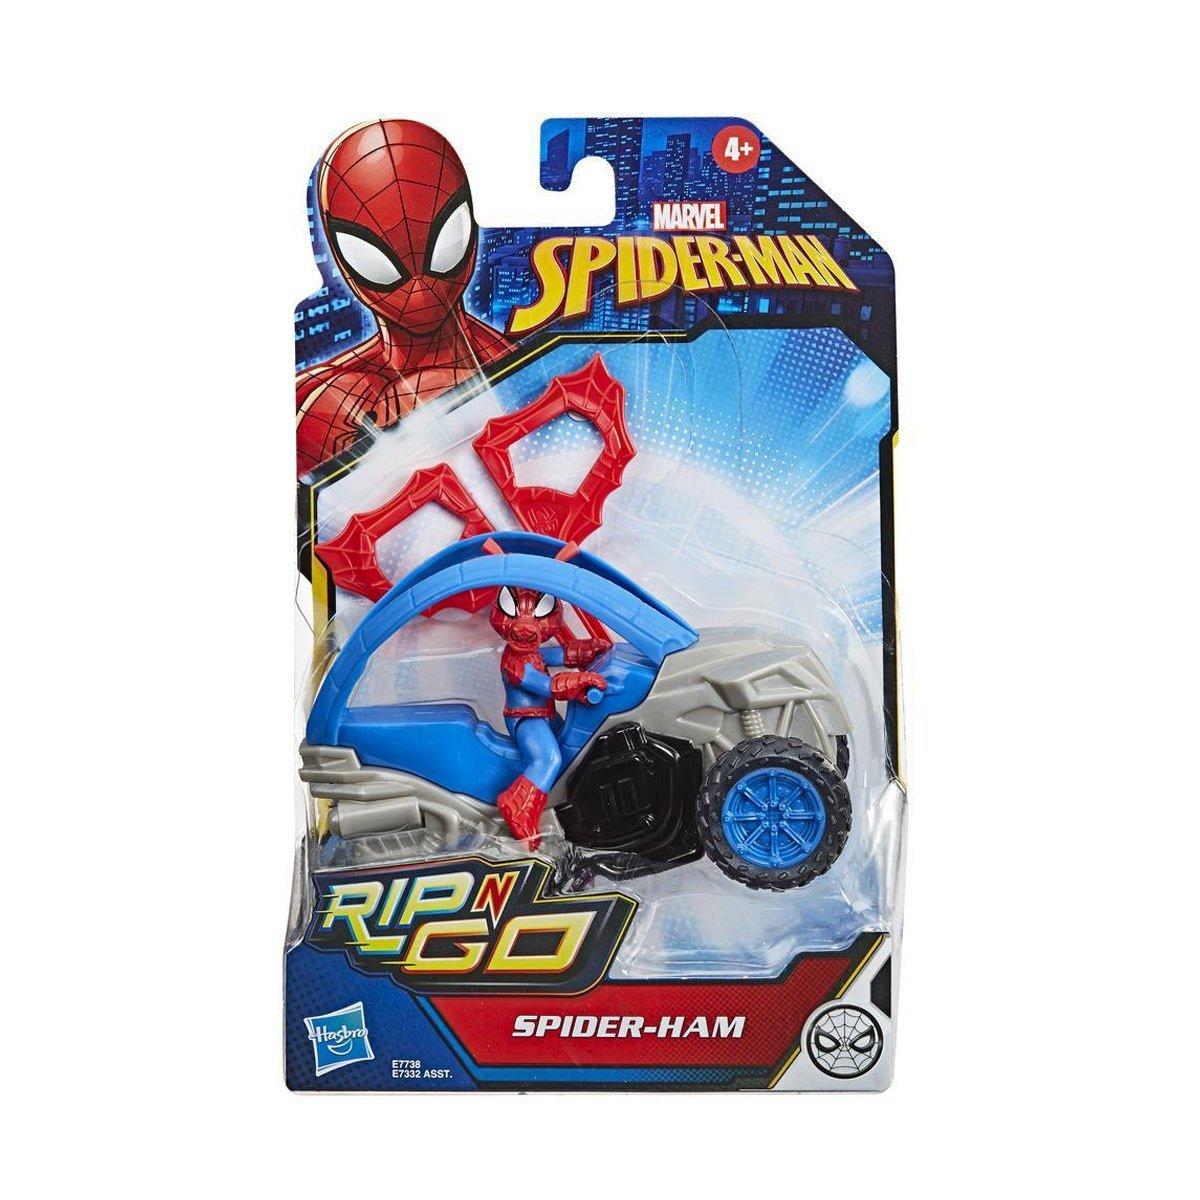 漫威 蜘蛛人 英雄載具發射組(E7332)